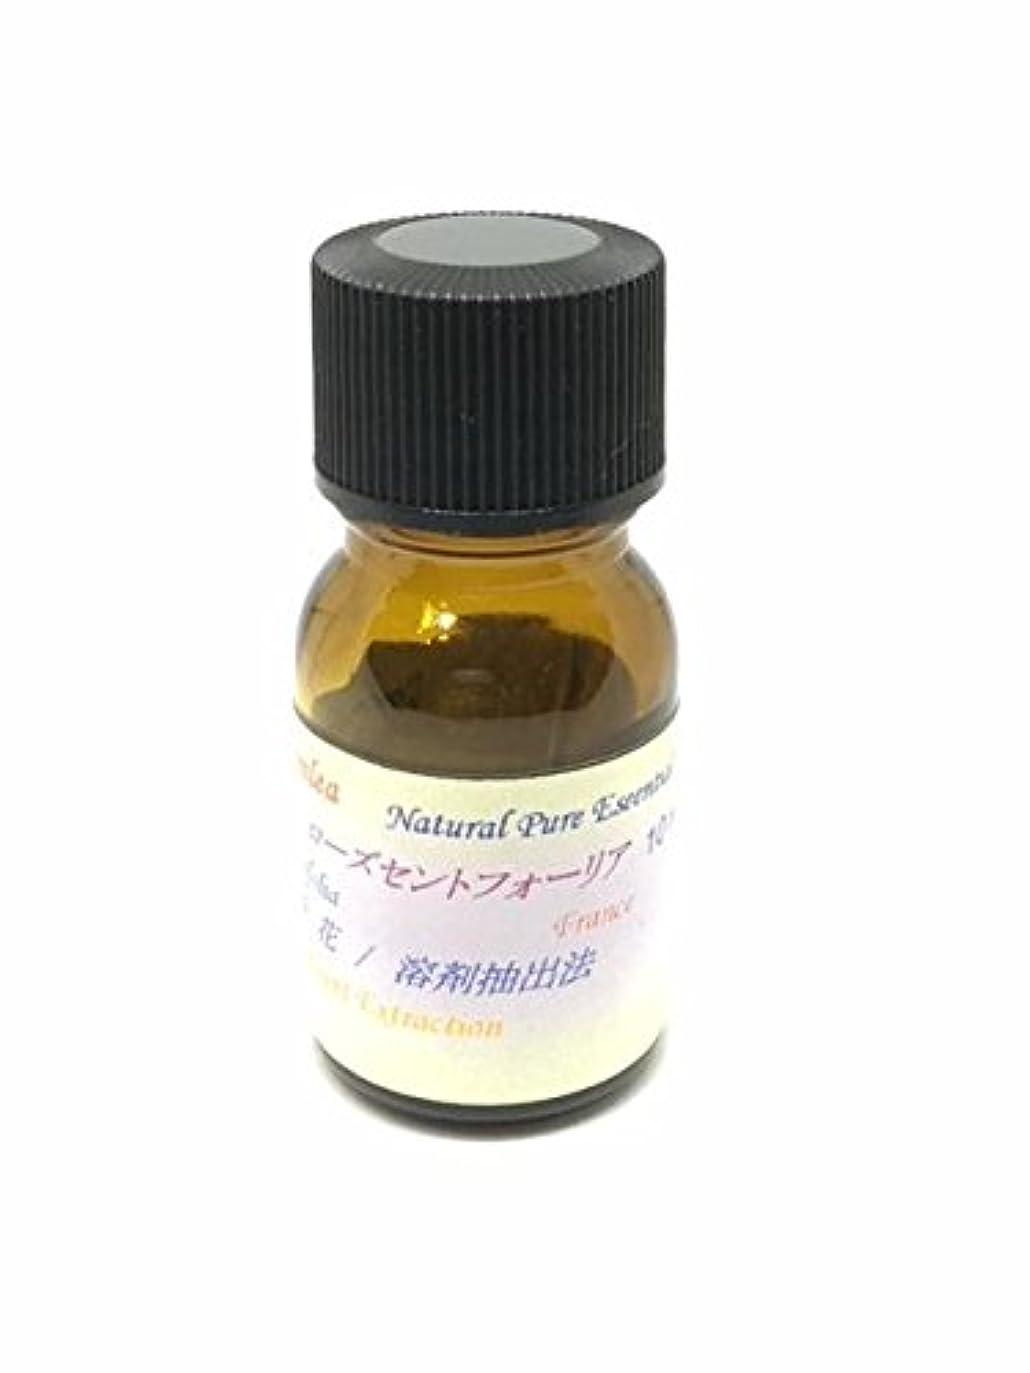 苦情文句内向き腐敗ローズアンフラージュエッセンシャルオイル油脂吸着法 高級精 (30ml)